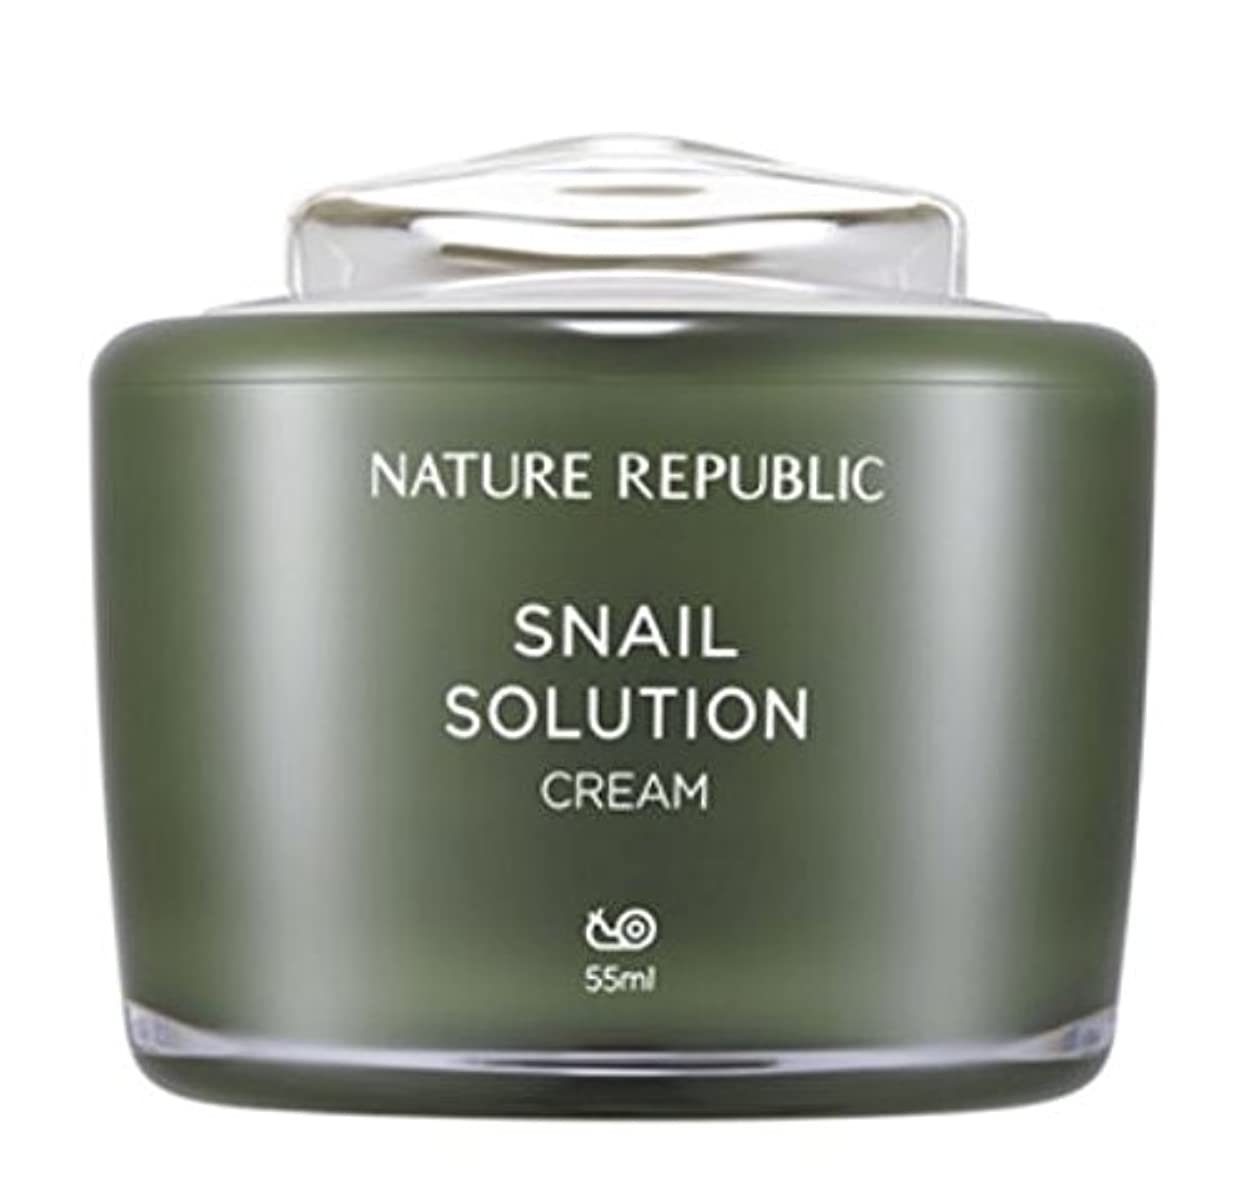 レイプスリーブうなずく正規輸入品 NATURE REPUBLIC(ネイチャーリパブリック) S SOL クリーム b 55ml NK0637